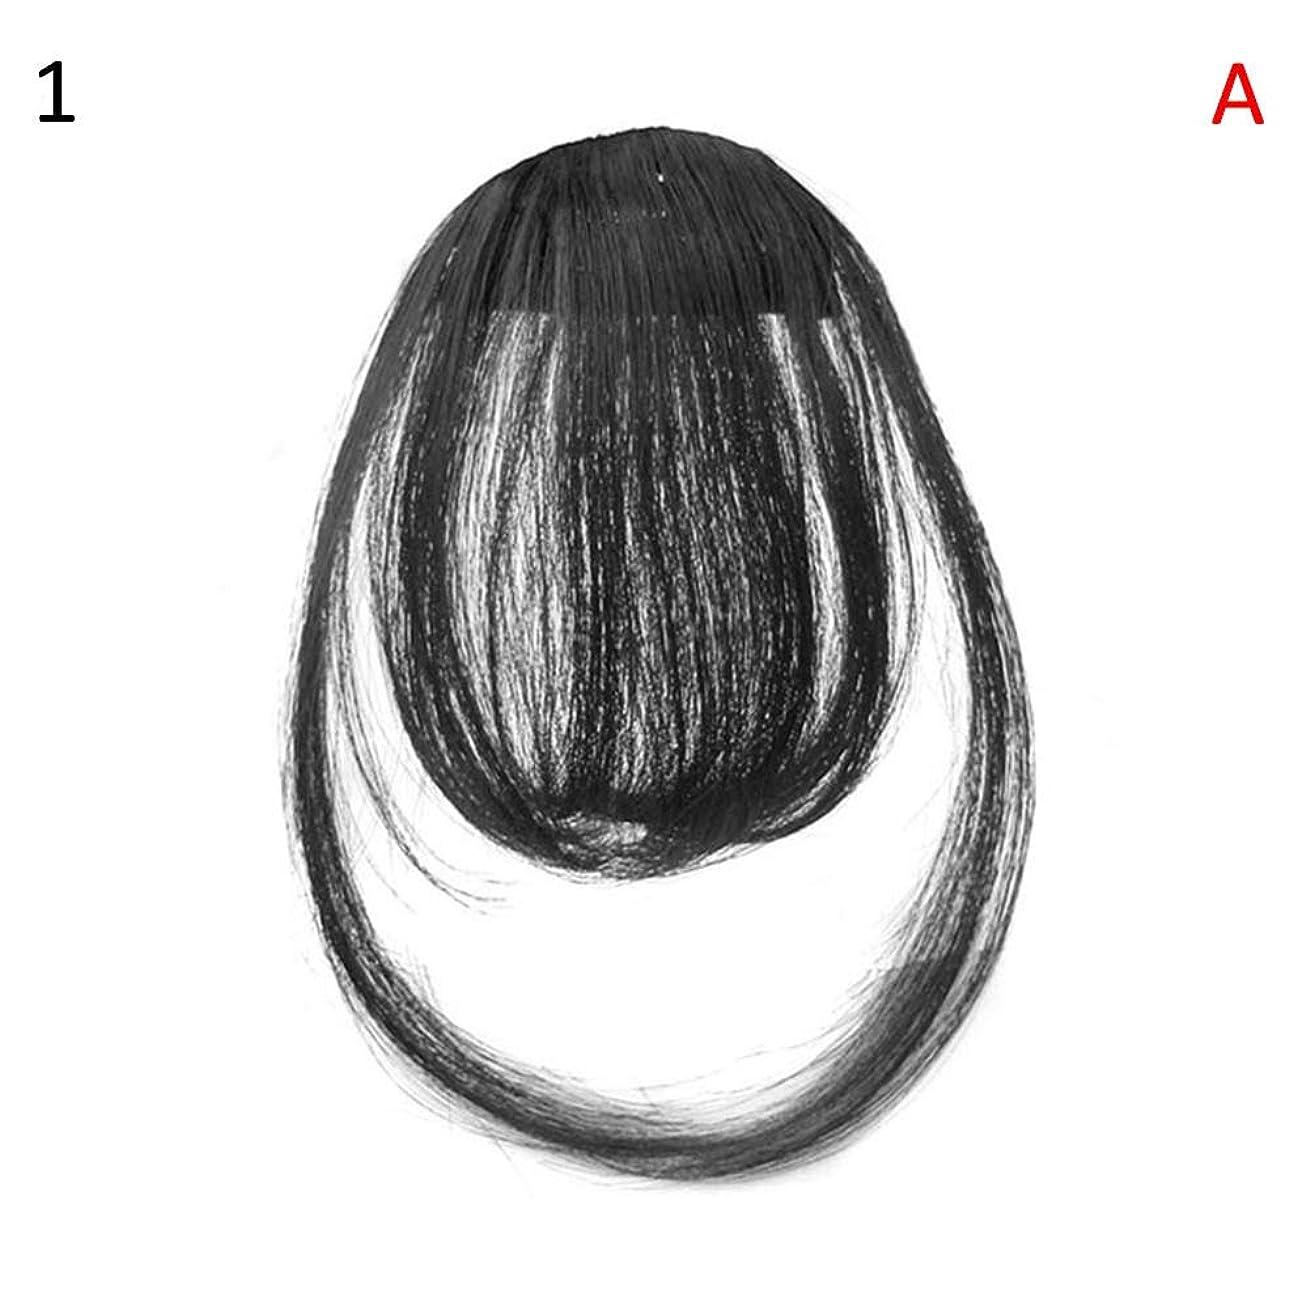 熟考するガスジェームズダイソンslQinjiansav女性ウィッグ修理ツールファッションレディース薄いクリップオンエアバンフロントフリンジウィッグヘアエクステンションヘアピース